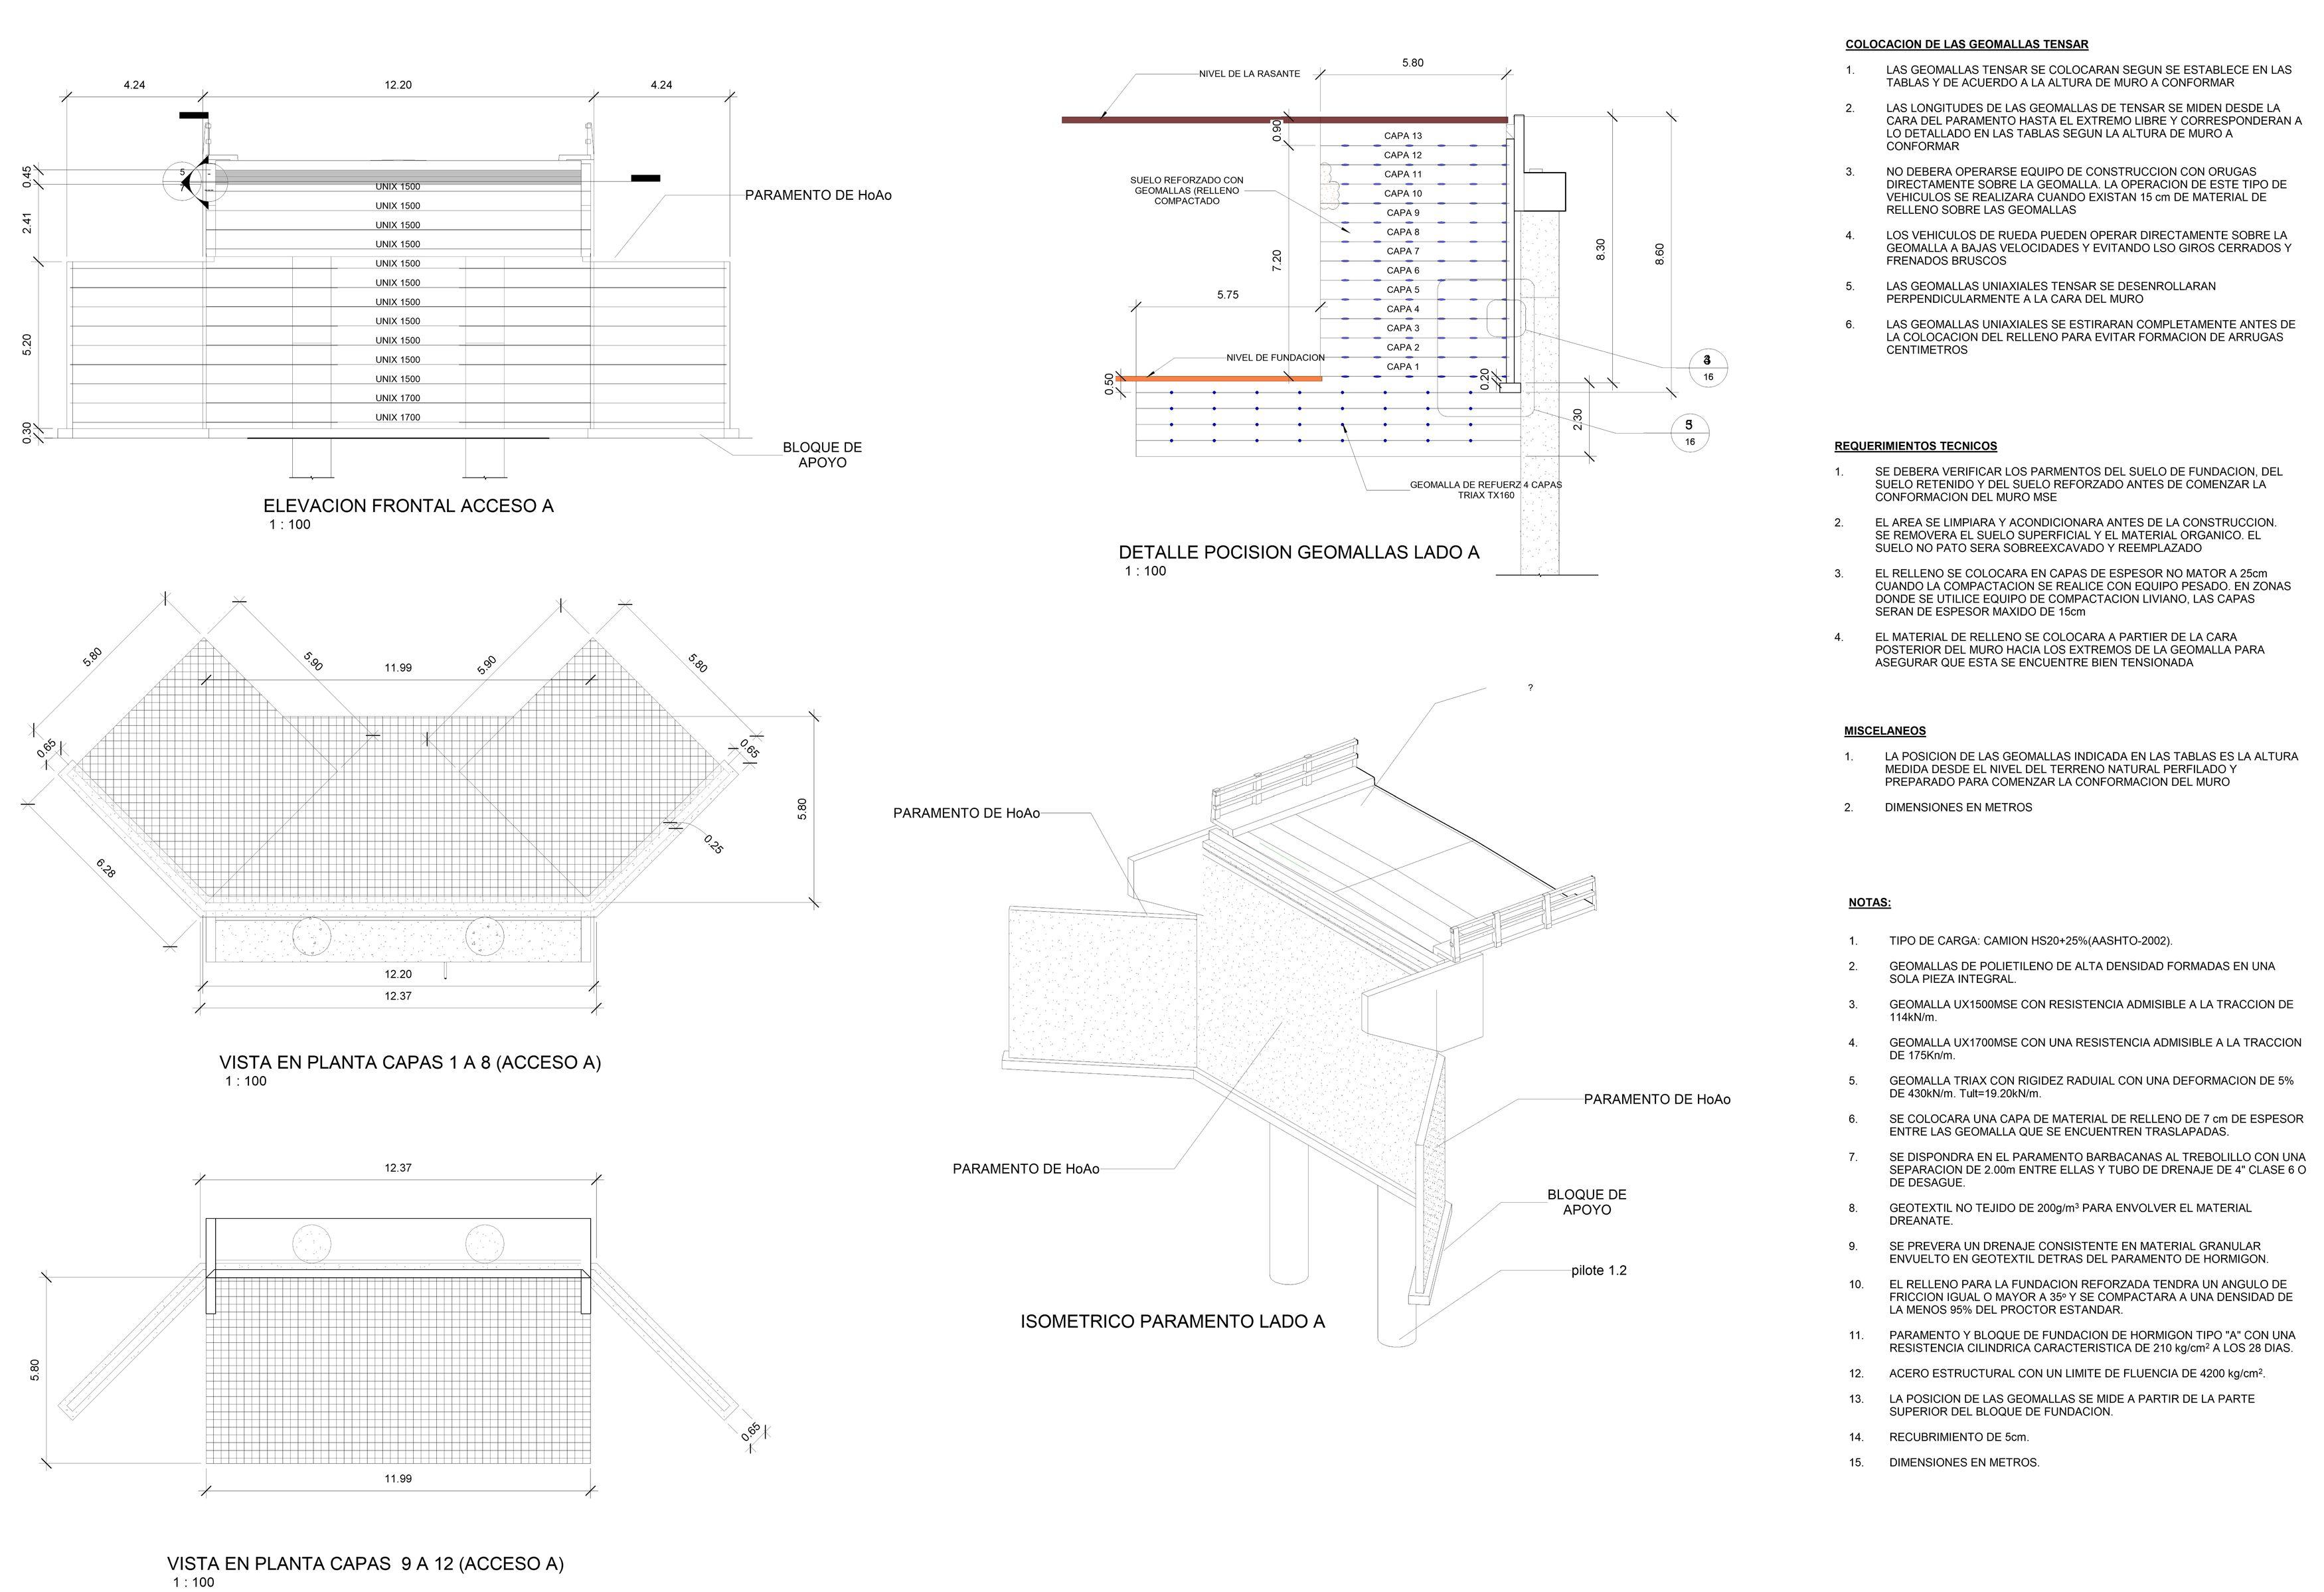 133---modelo-puente-rev30---plano---14---plano-de-accesos-inicio-1-2-3500-3500